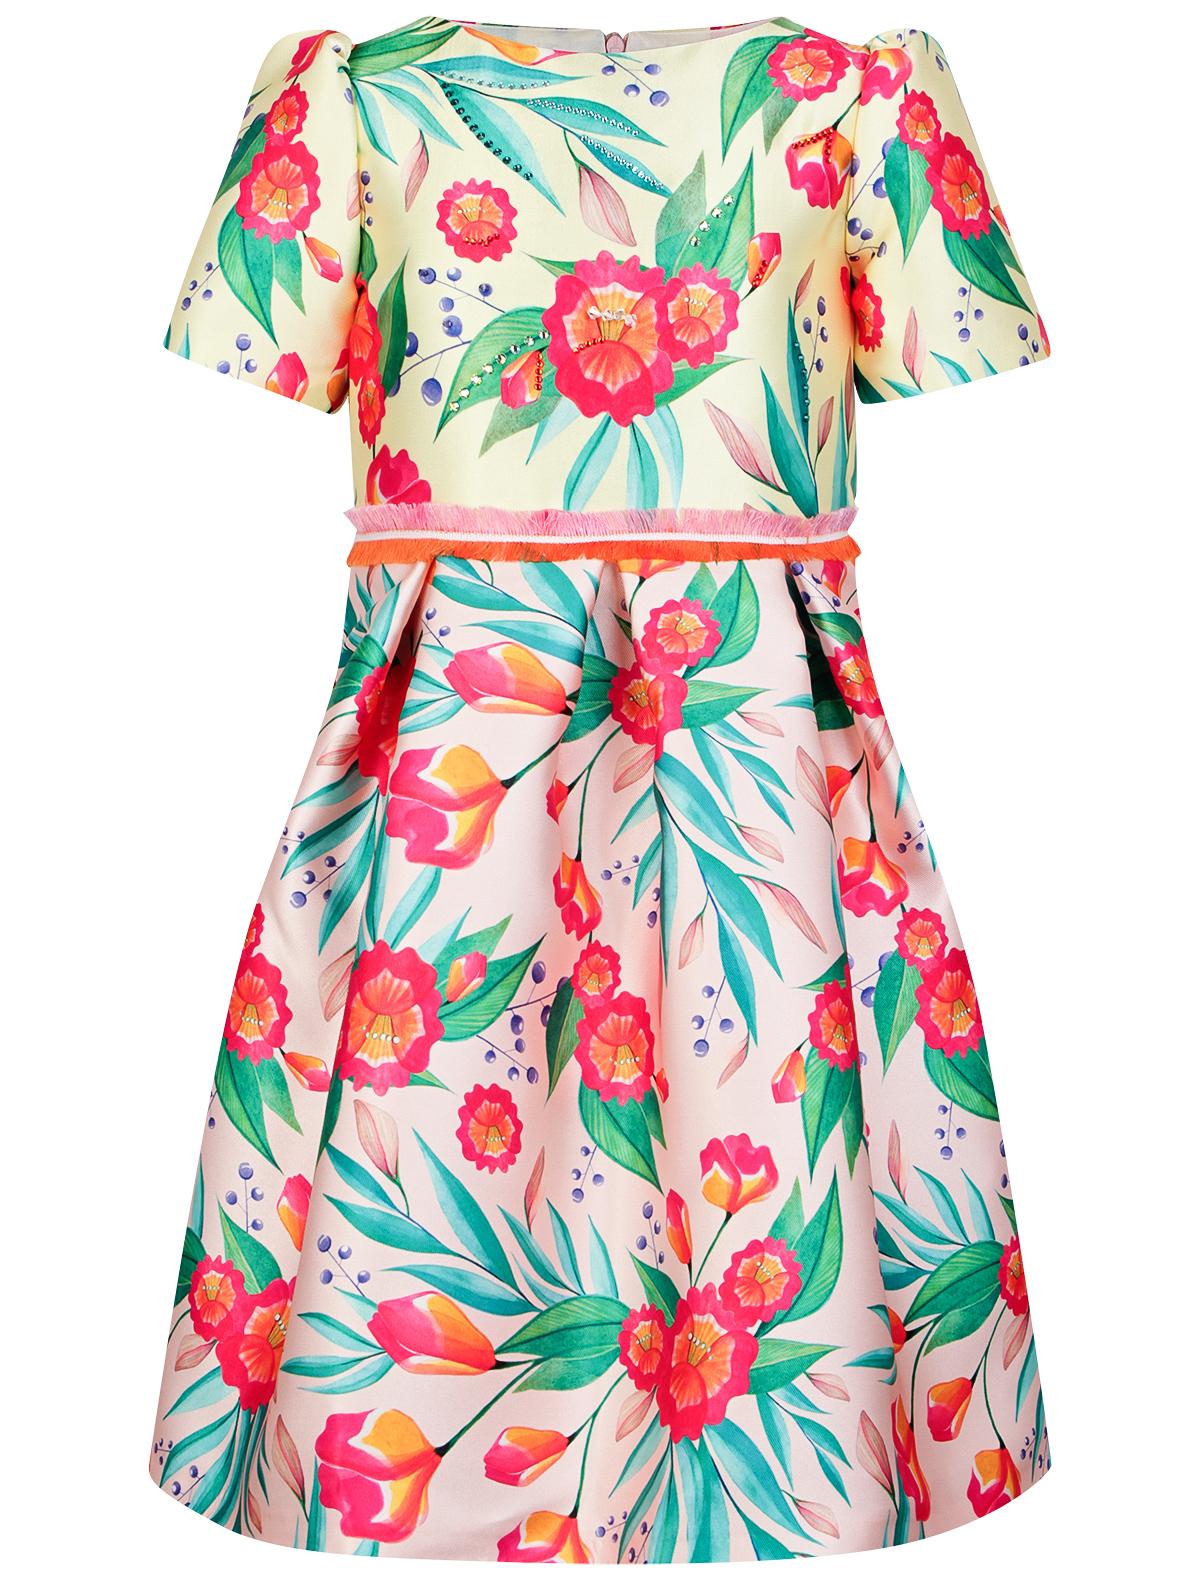 Купить 1994125, Платье EIRENE, разноцветный, Женский, 1053009973270